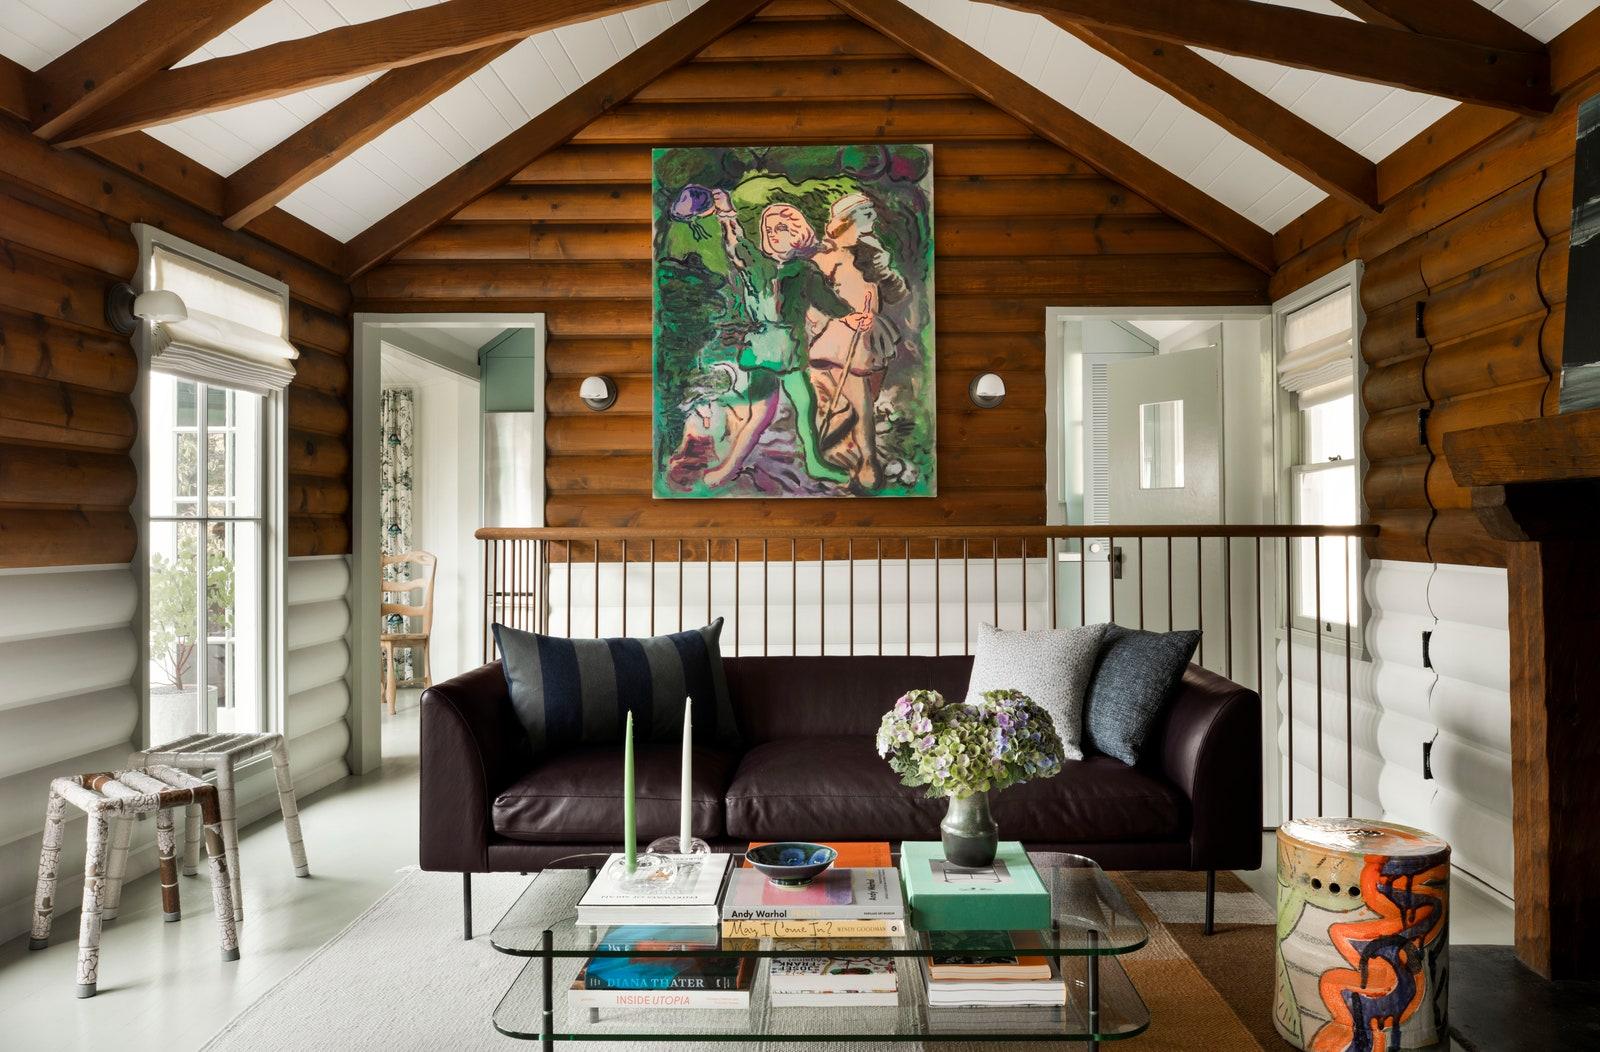 Erdei idill modern stílusban – csodálatos ez a kaliforniai faház!